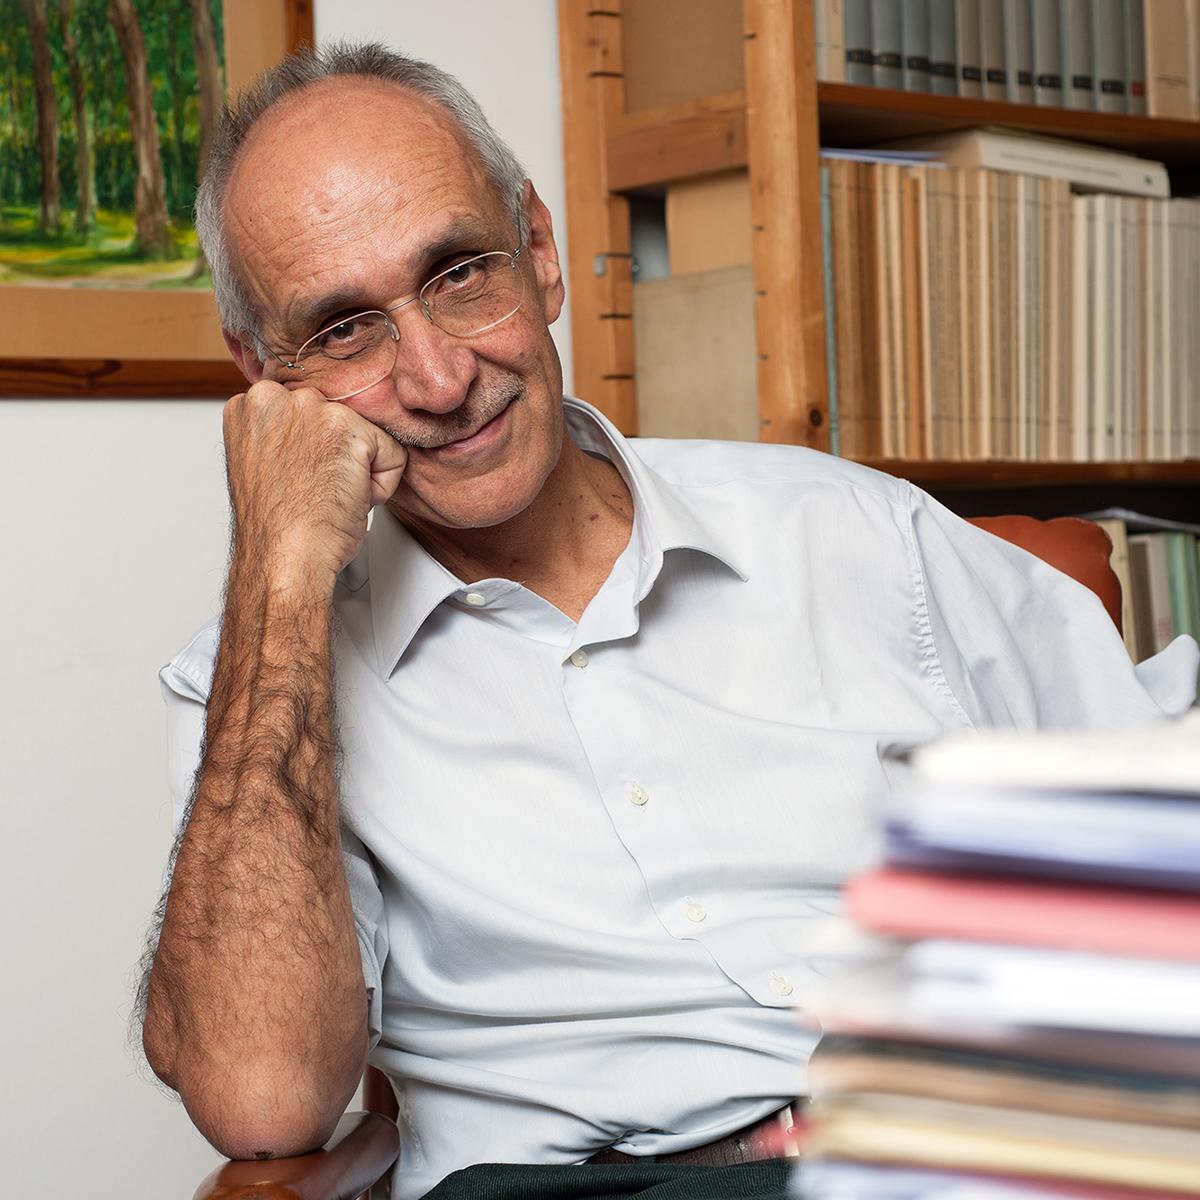 Pietro Ichino Lectorinfabula